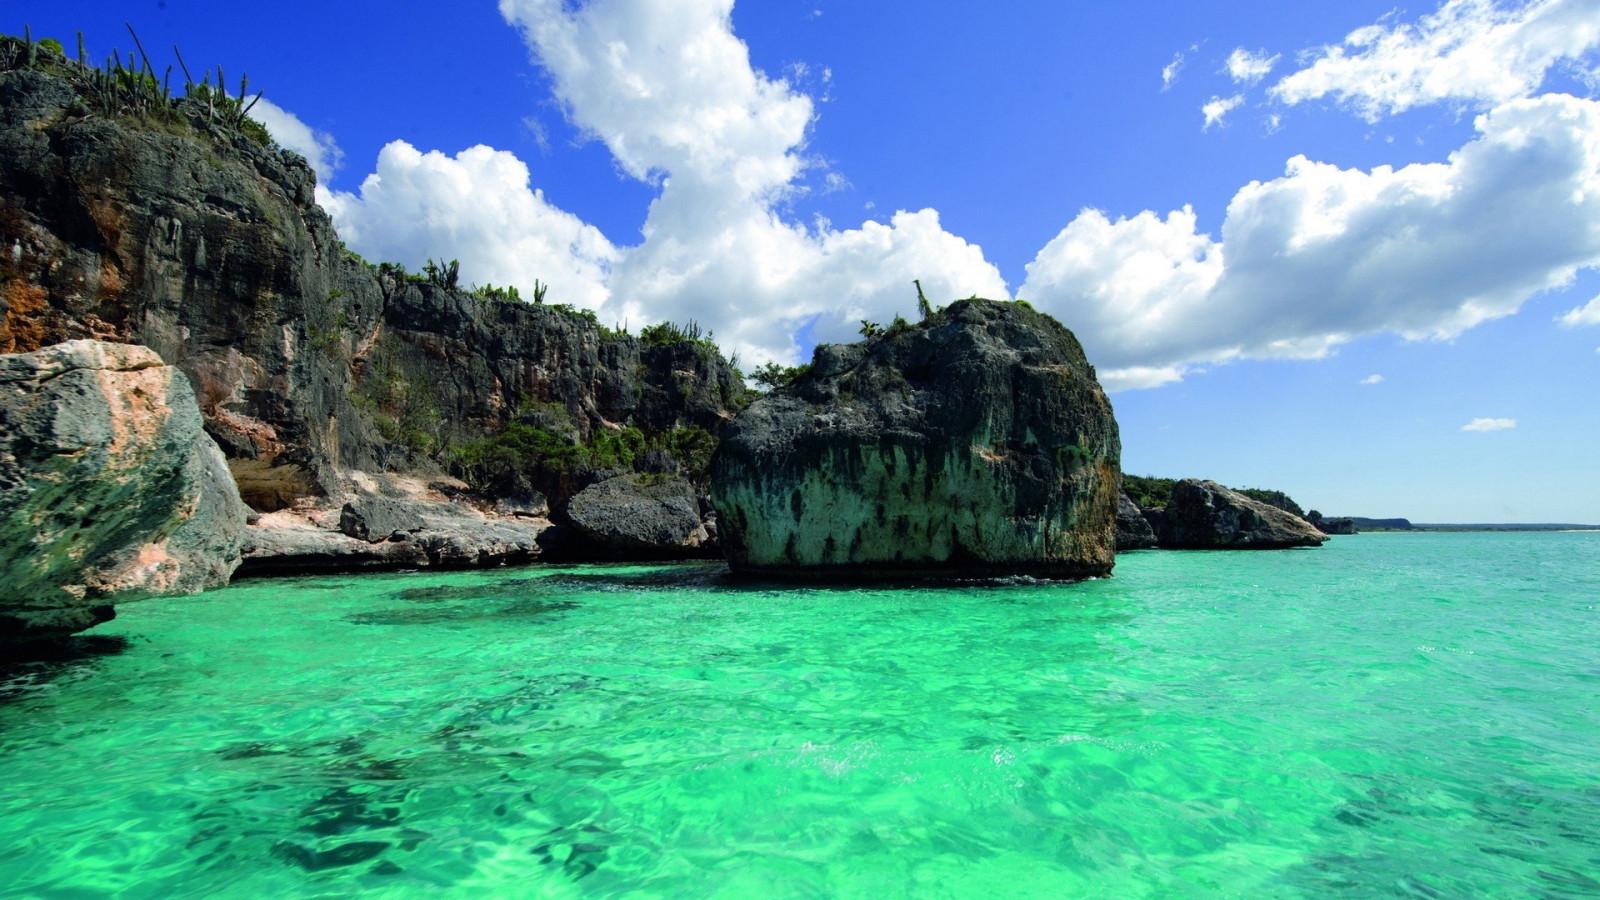 dikiy-ostrov-foto